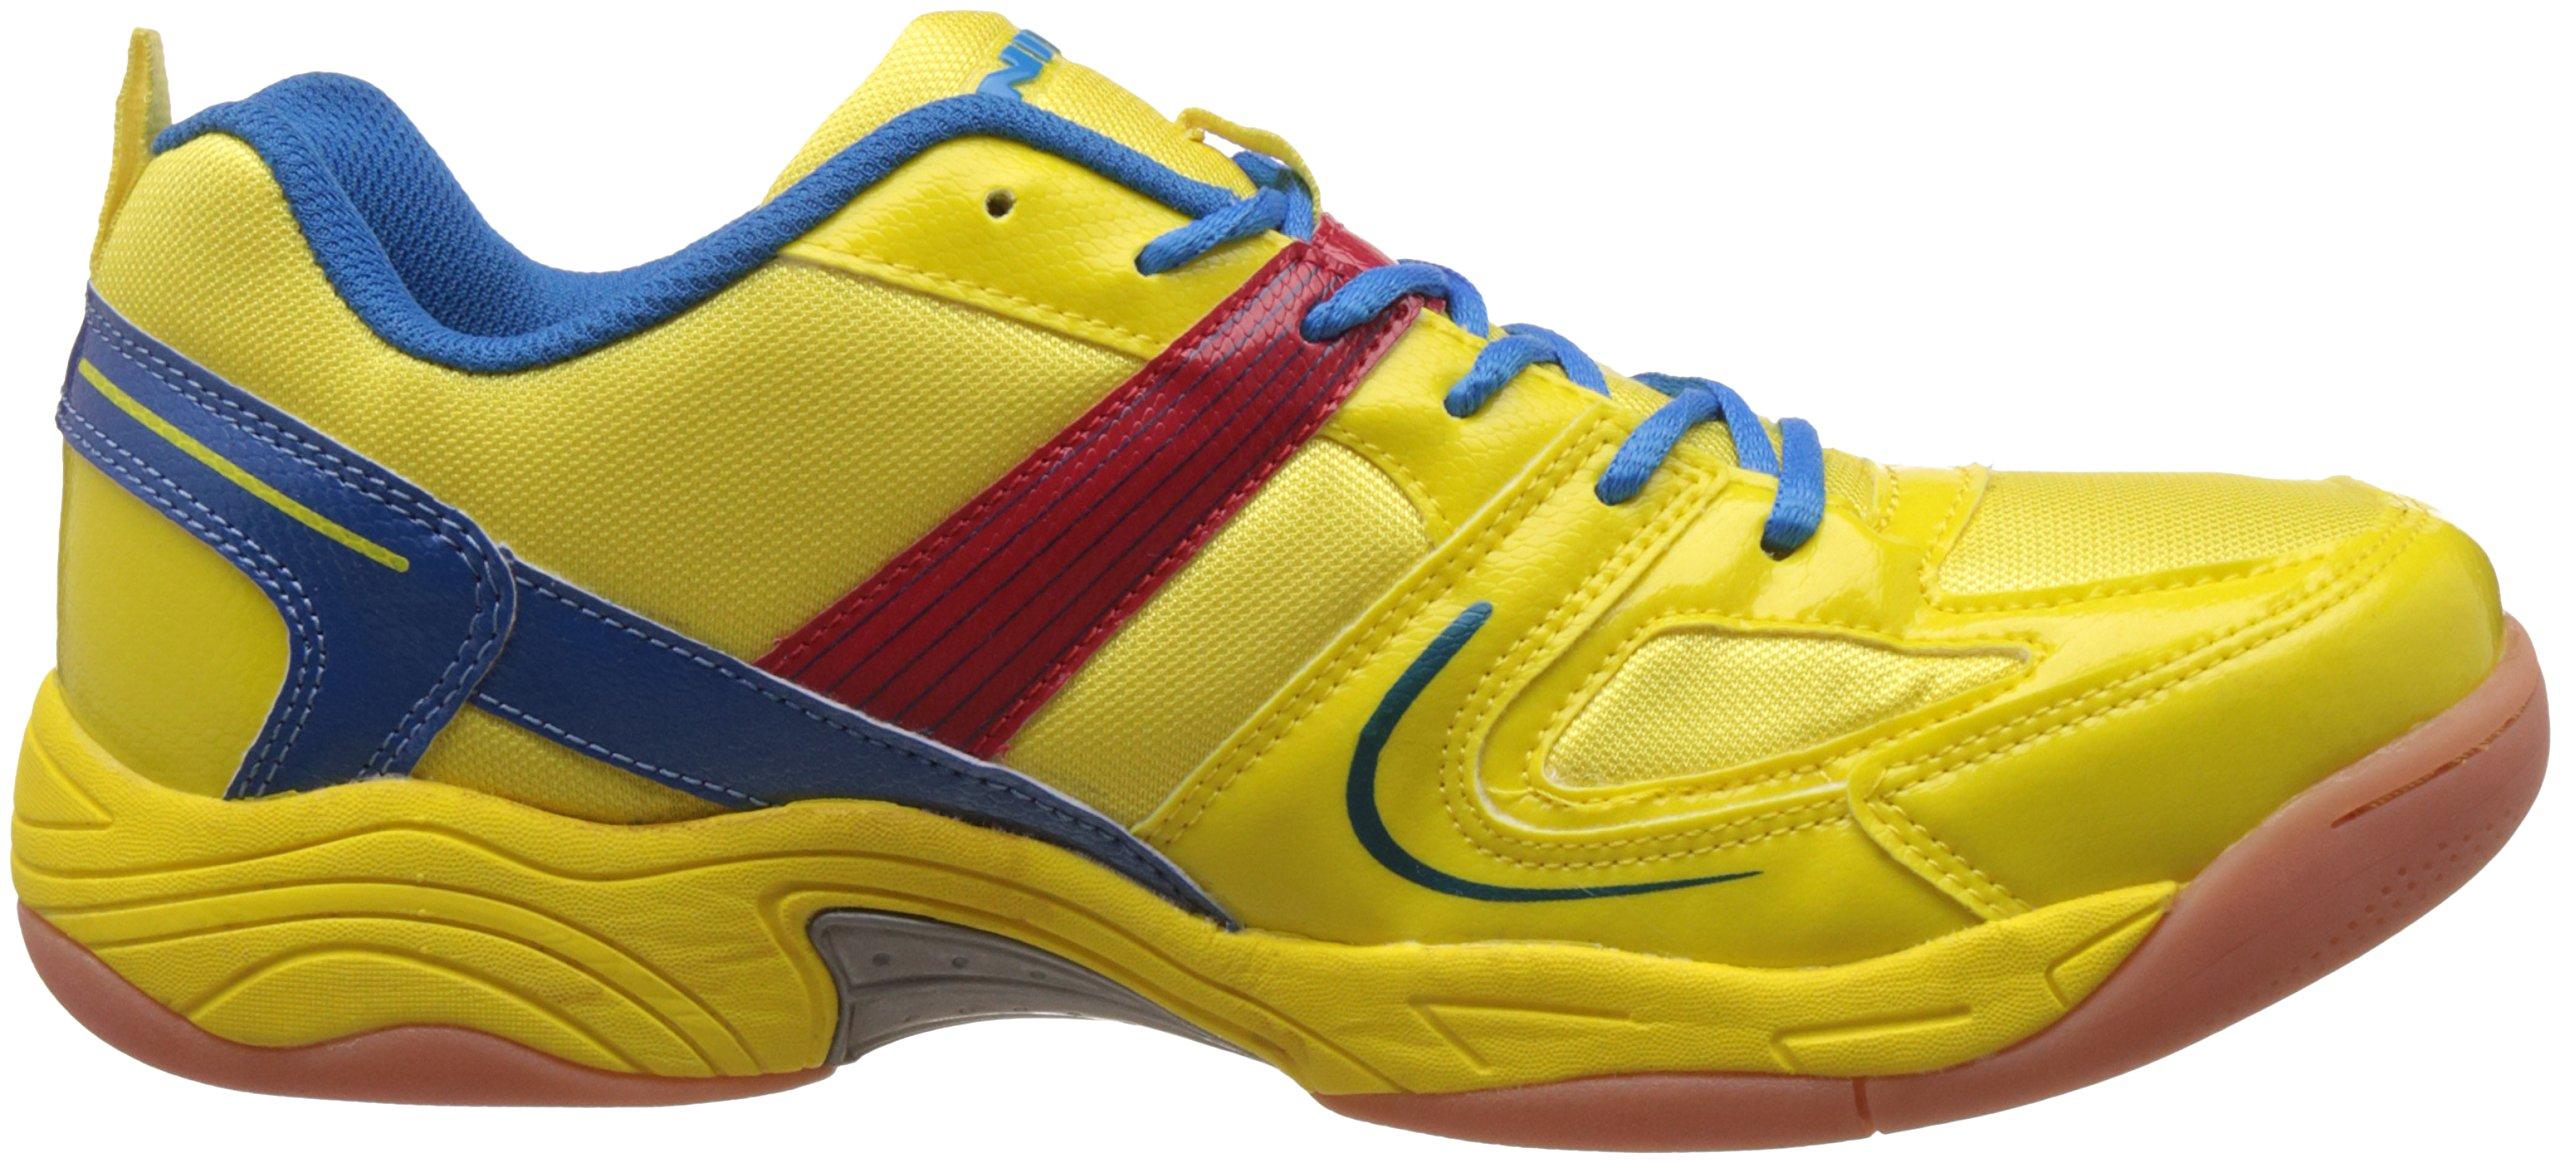 Nivia Smash Badminton Shoes- Buy Online